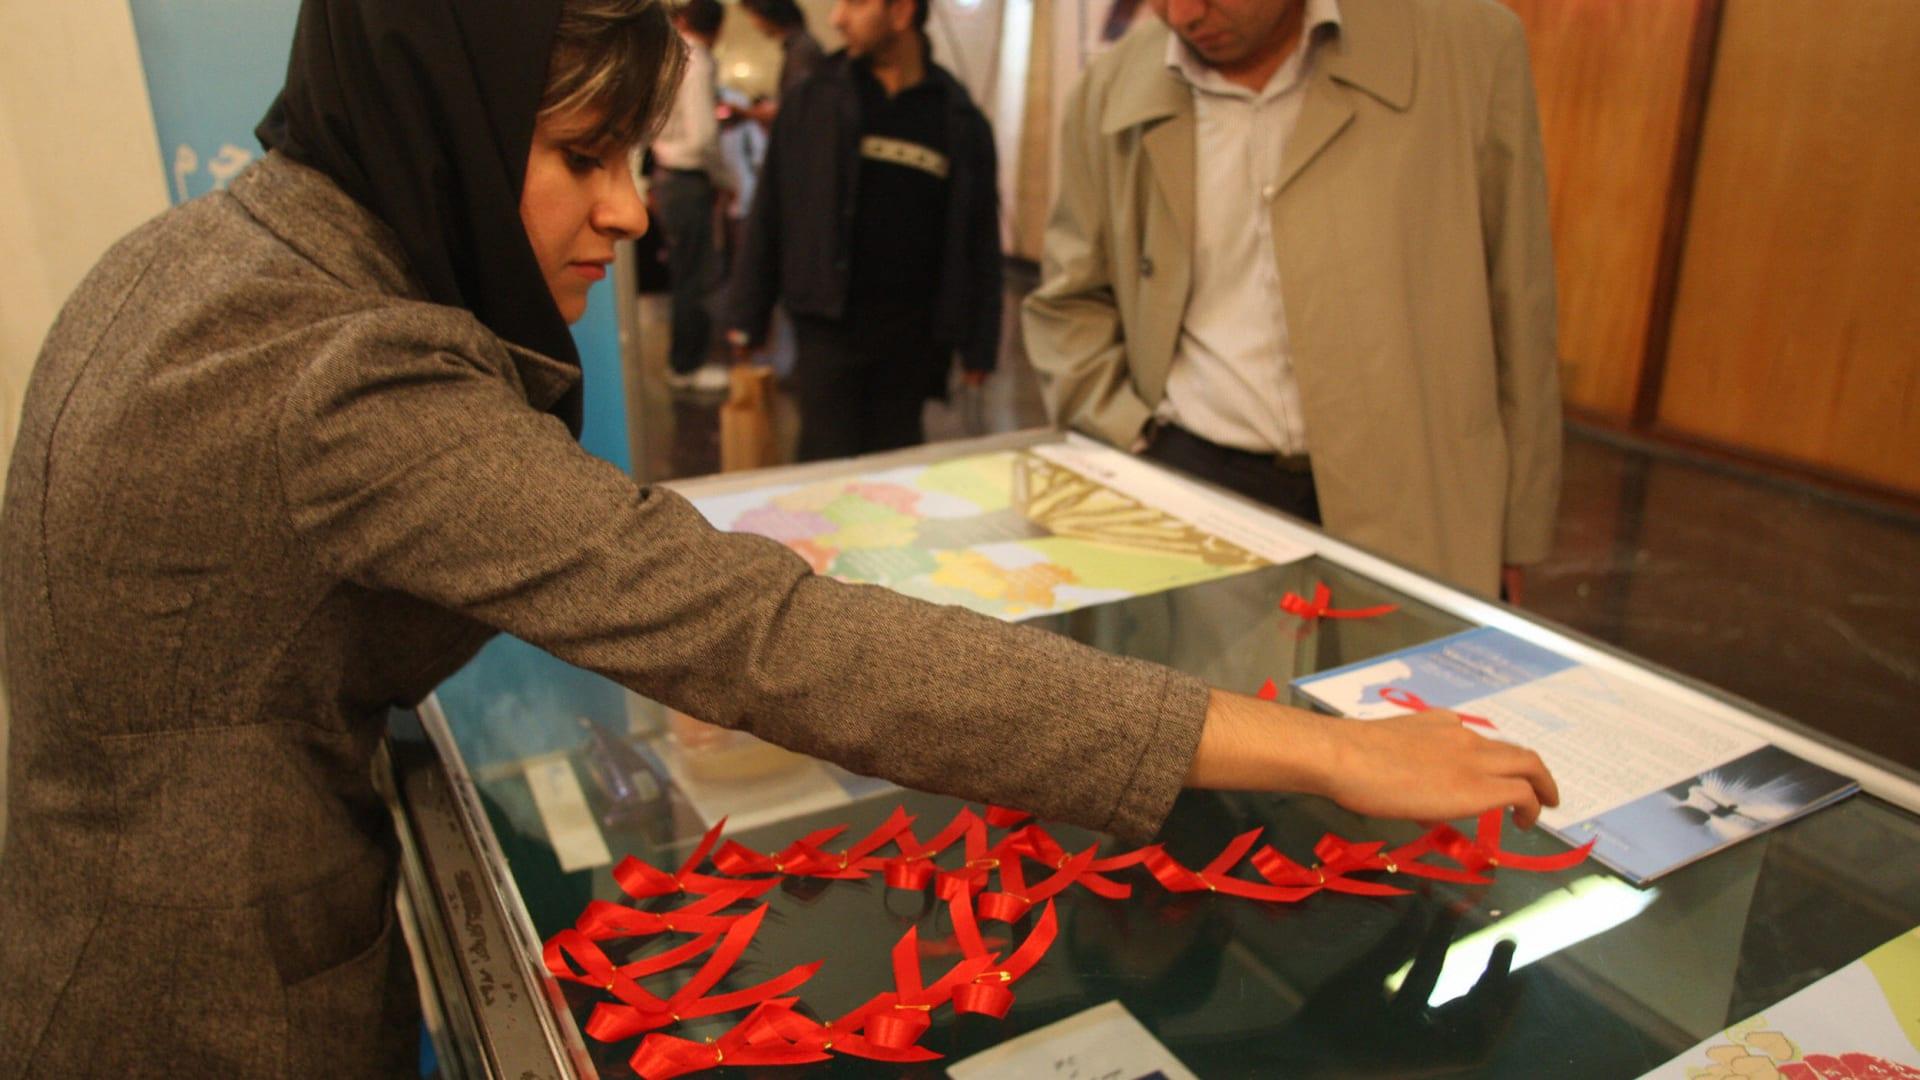 إيران.. اشتباكات مع الشرطة في قرية اكتشف أهلها إصابتهم بالإيدز